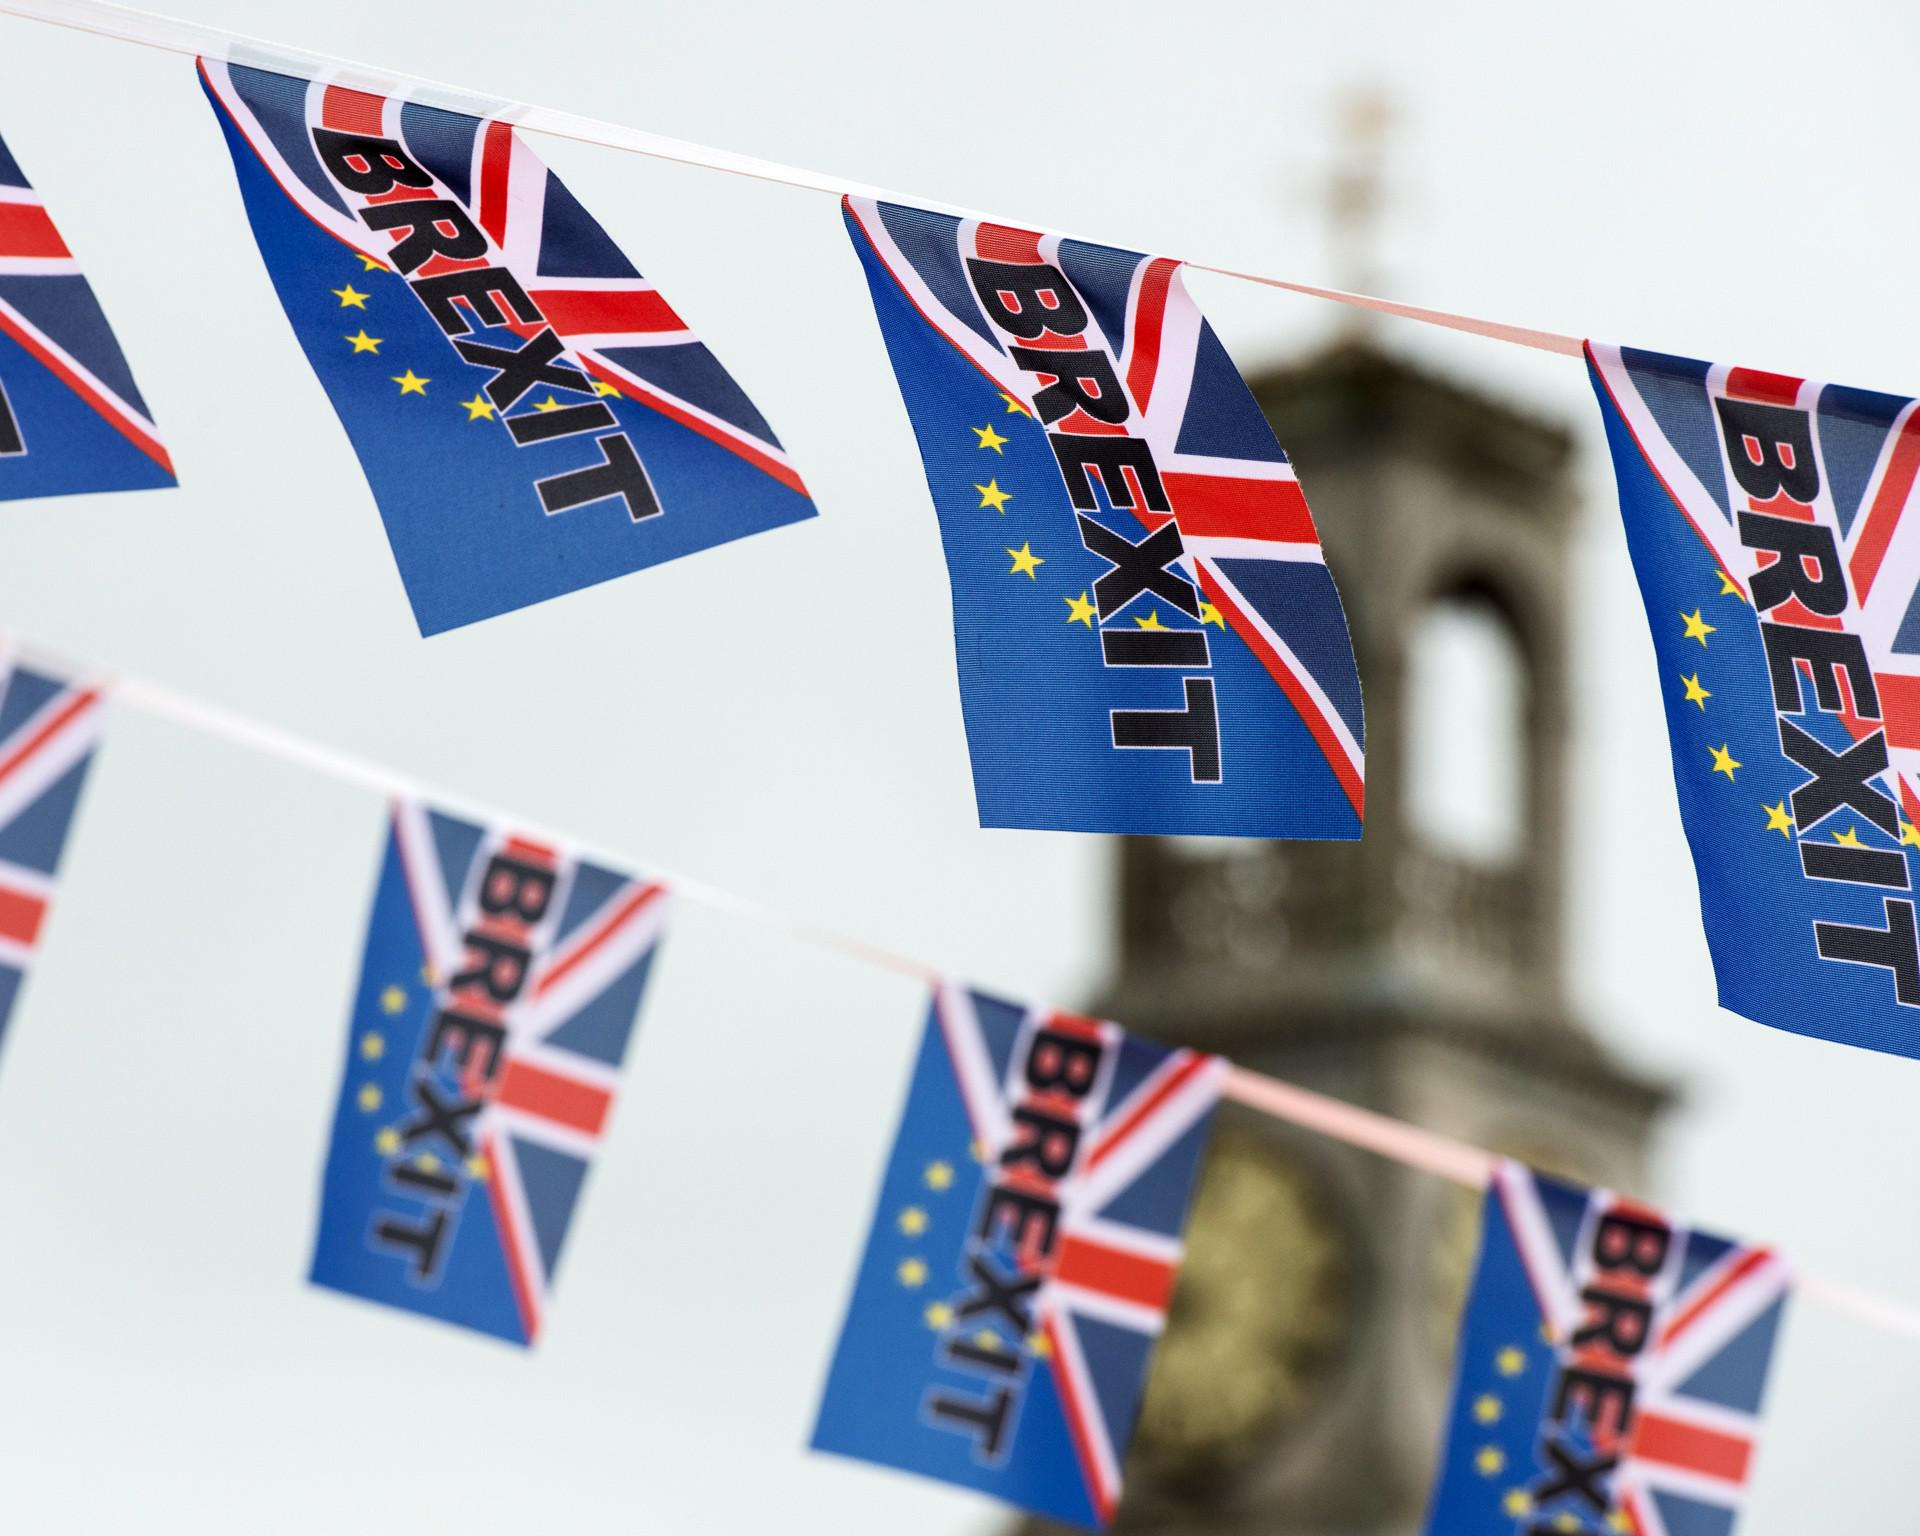 Γεγονός το Brexit: Επιτεύχθηκε συμφωνία μεταξύ EE και Μεγάλης Βρετανίας